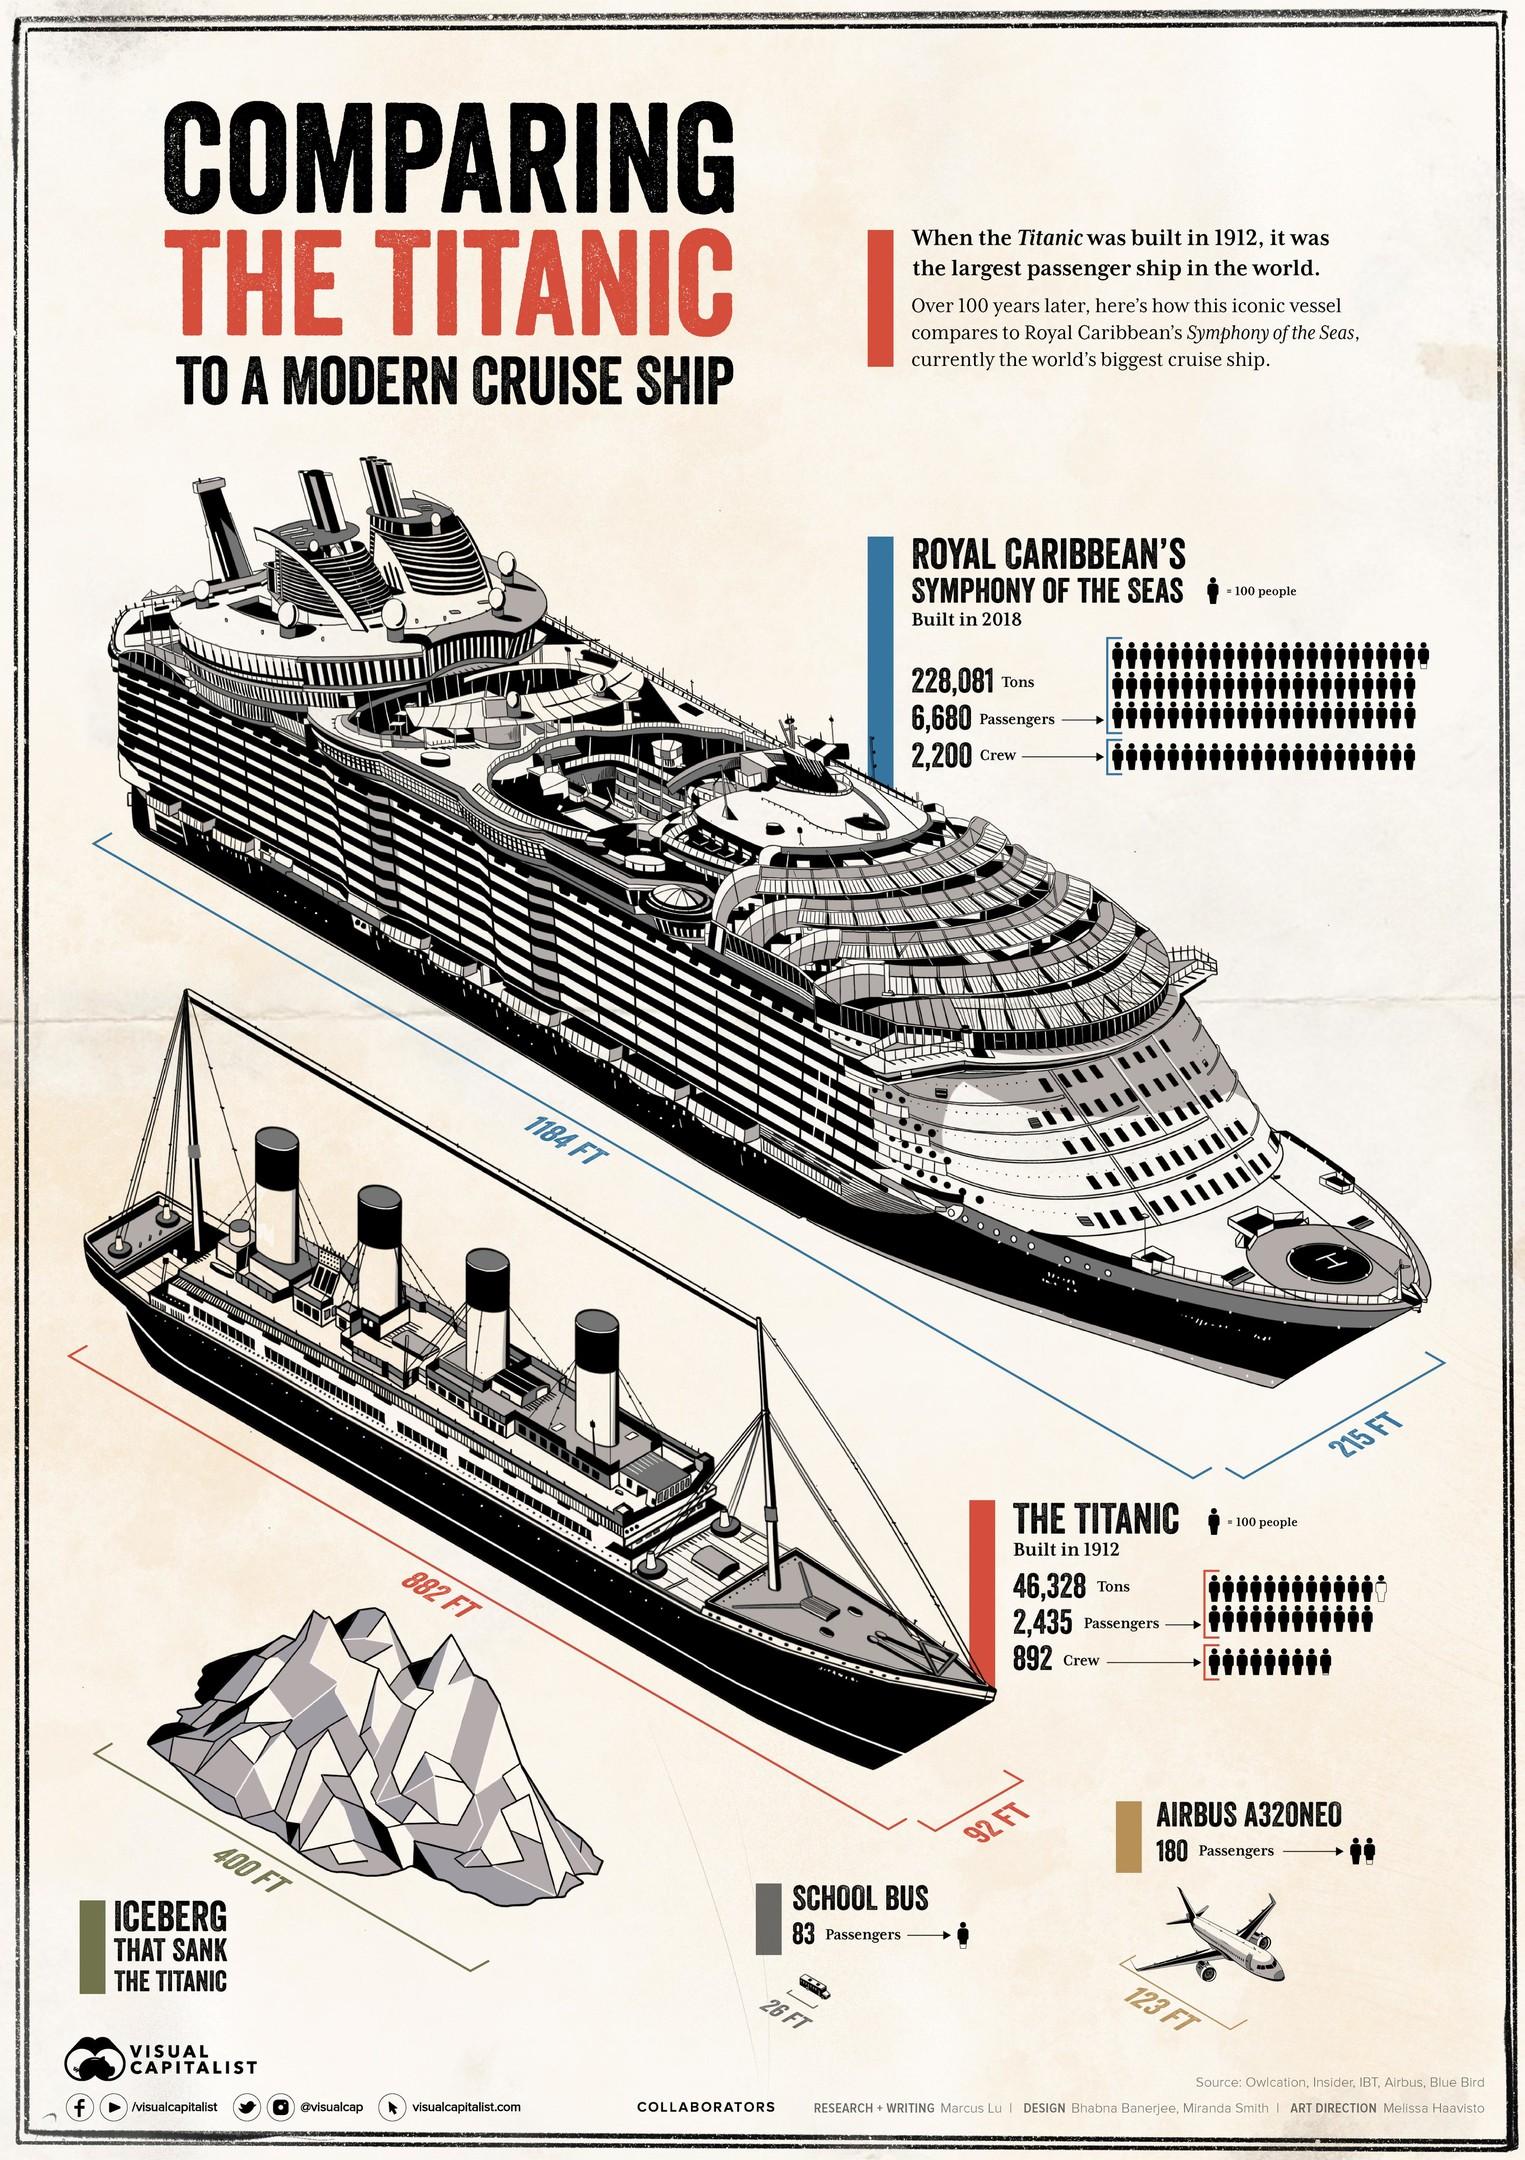 Инфографика из статьи «Титаник» vs современный круизный лайнер